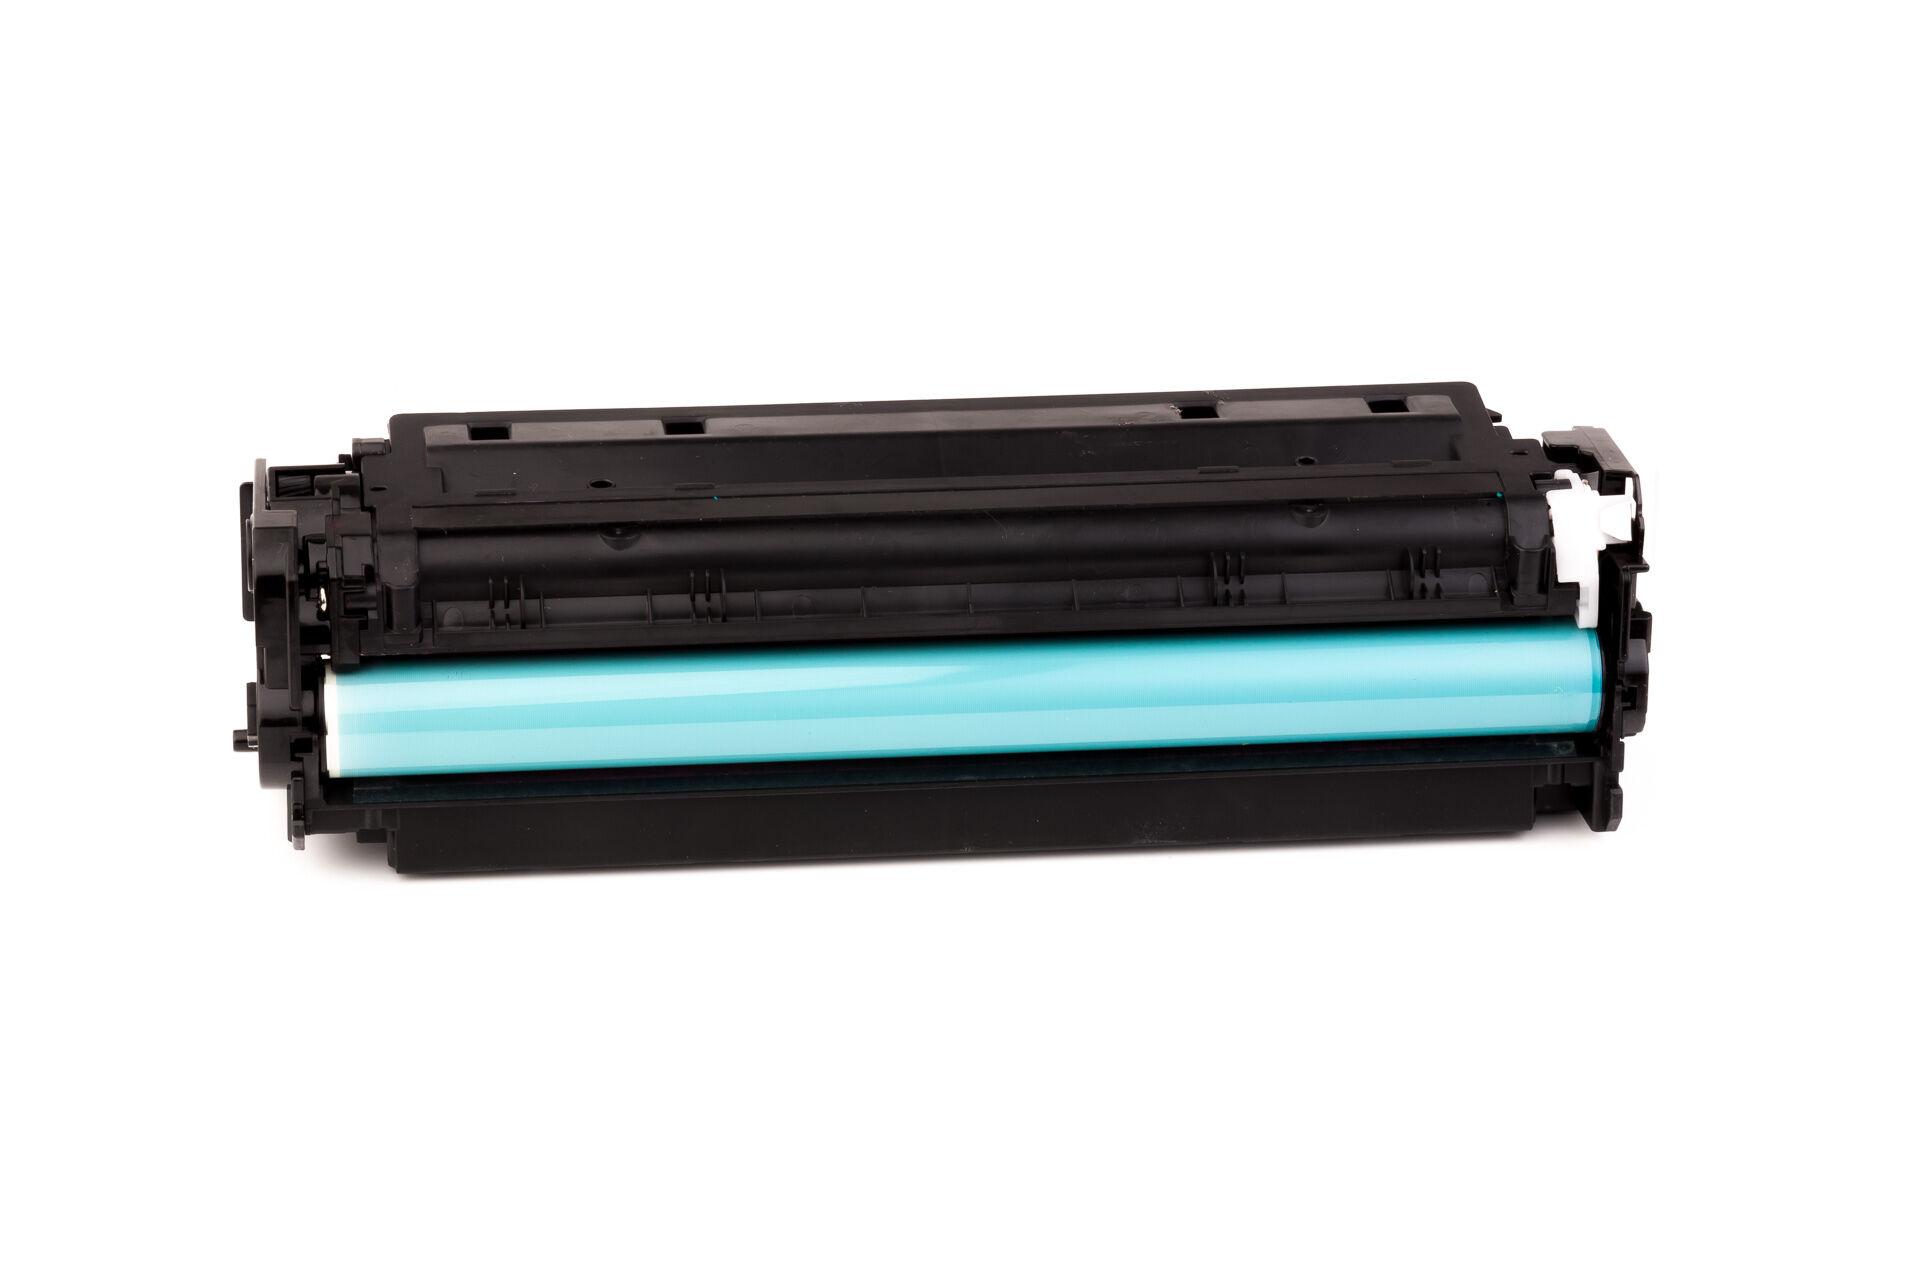 HP Cartouche de Toner pour HP CC533A / 304A magenta compatible (de marque ASC)